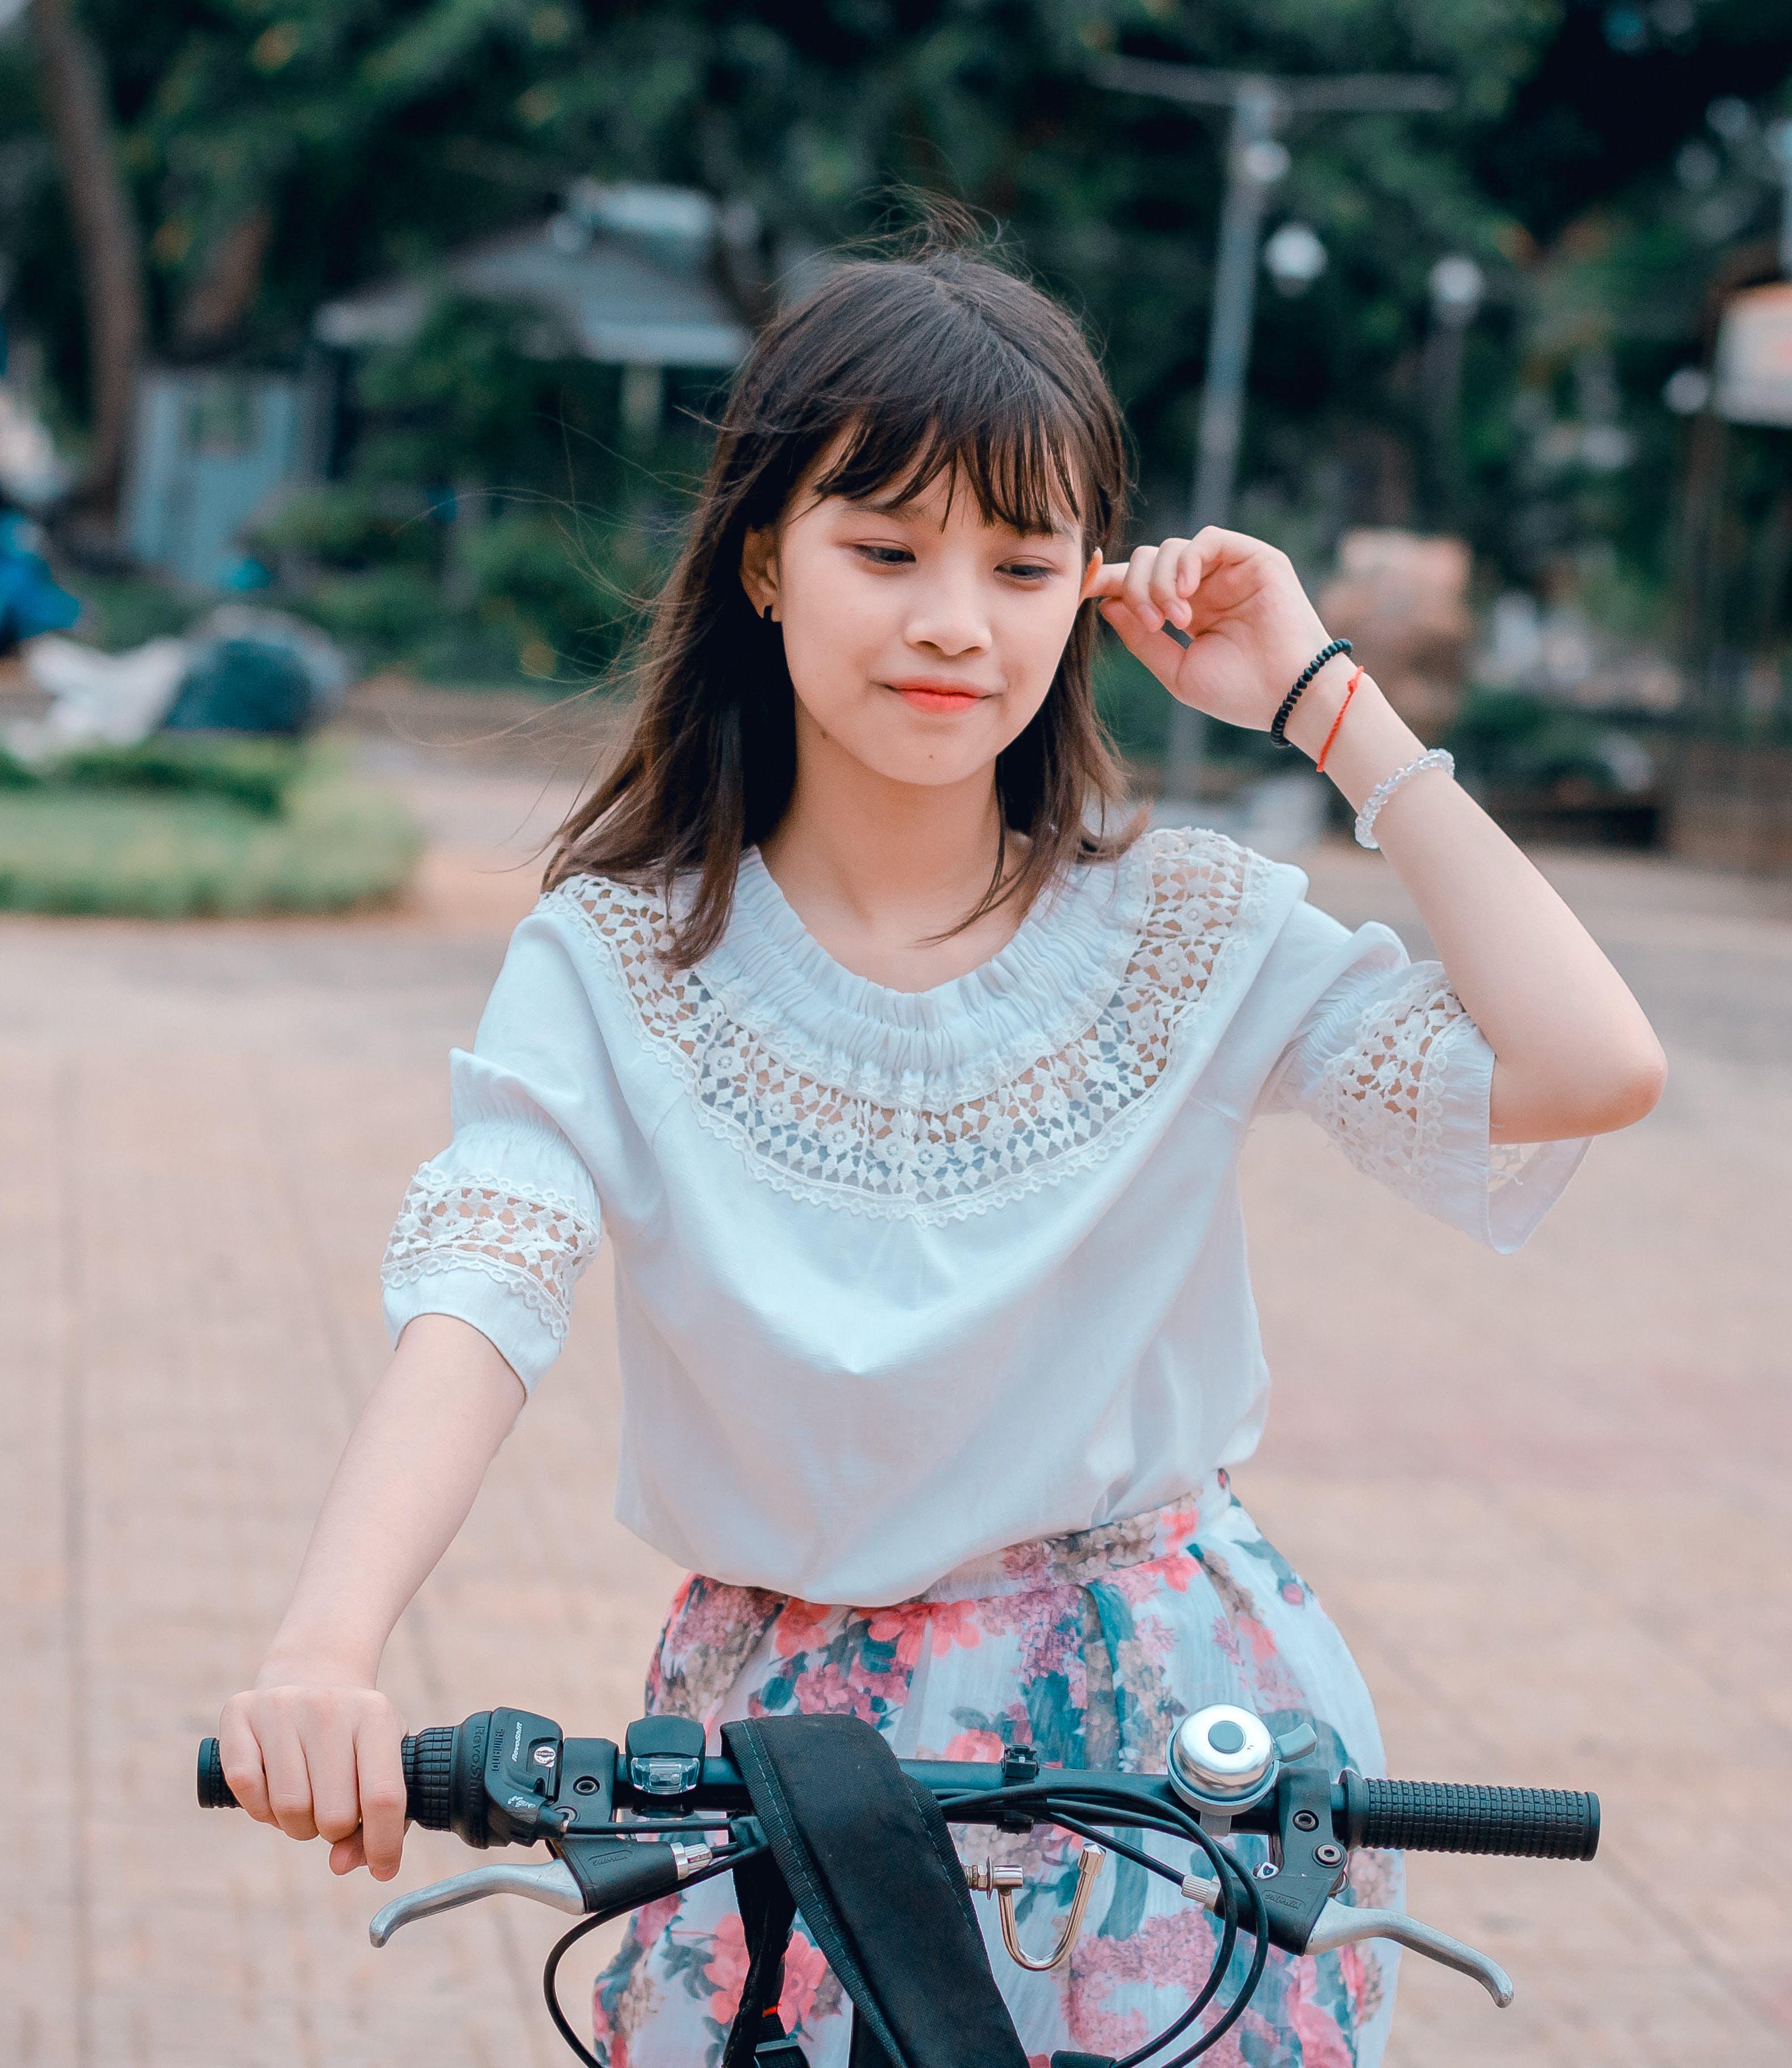 Δωρεάν στοκ φωτογραφιών με ασιατικό κορίτσι, ασιάτισσα, γυναίκα, ημέρα